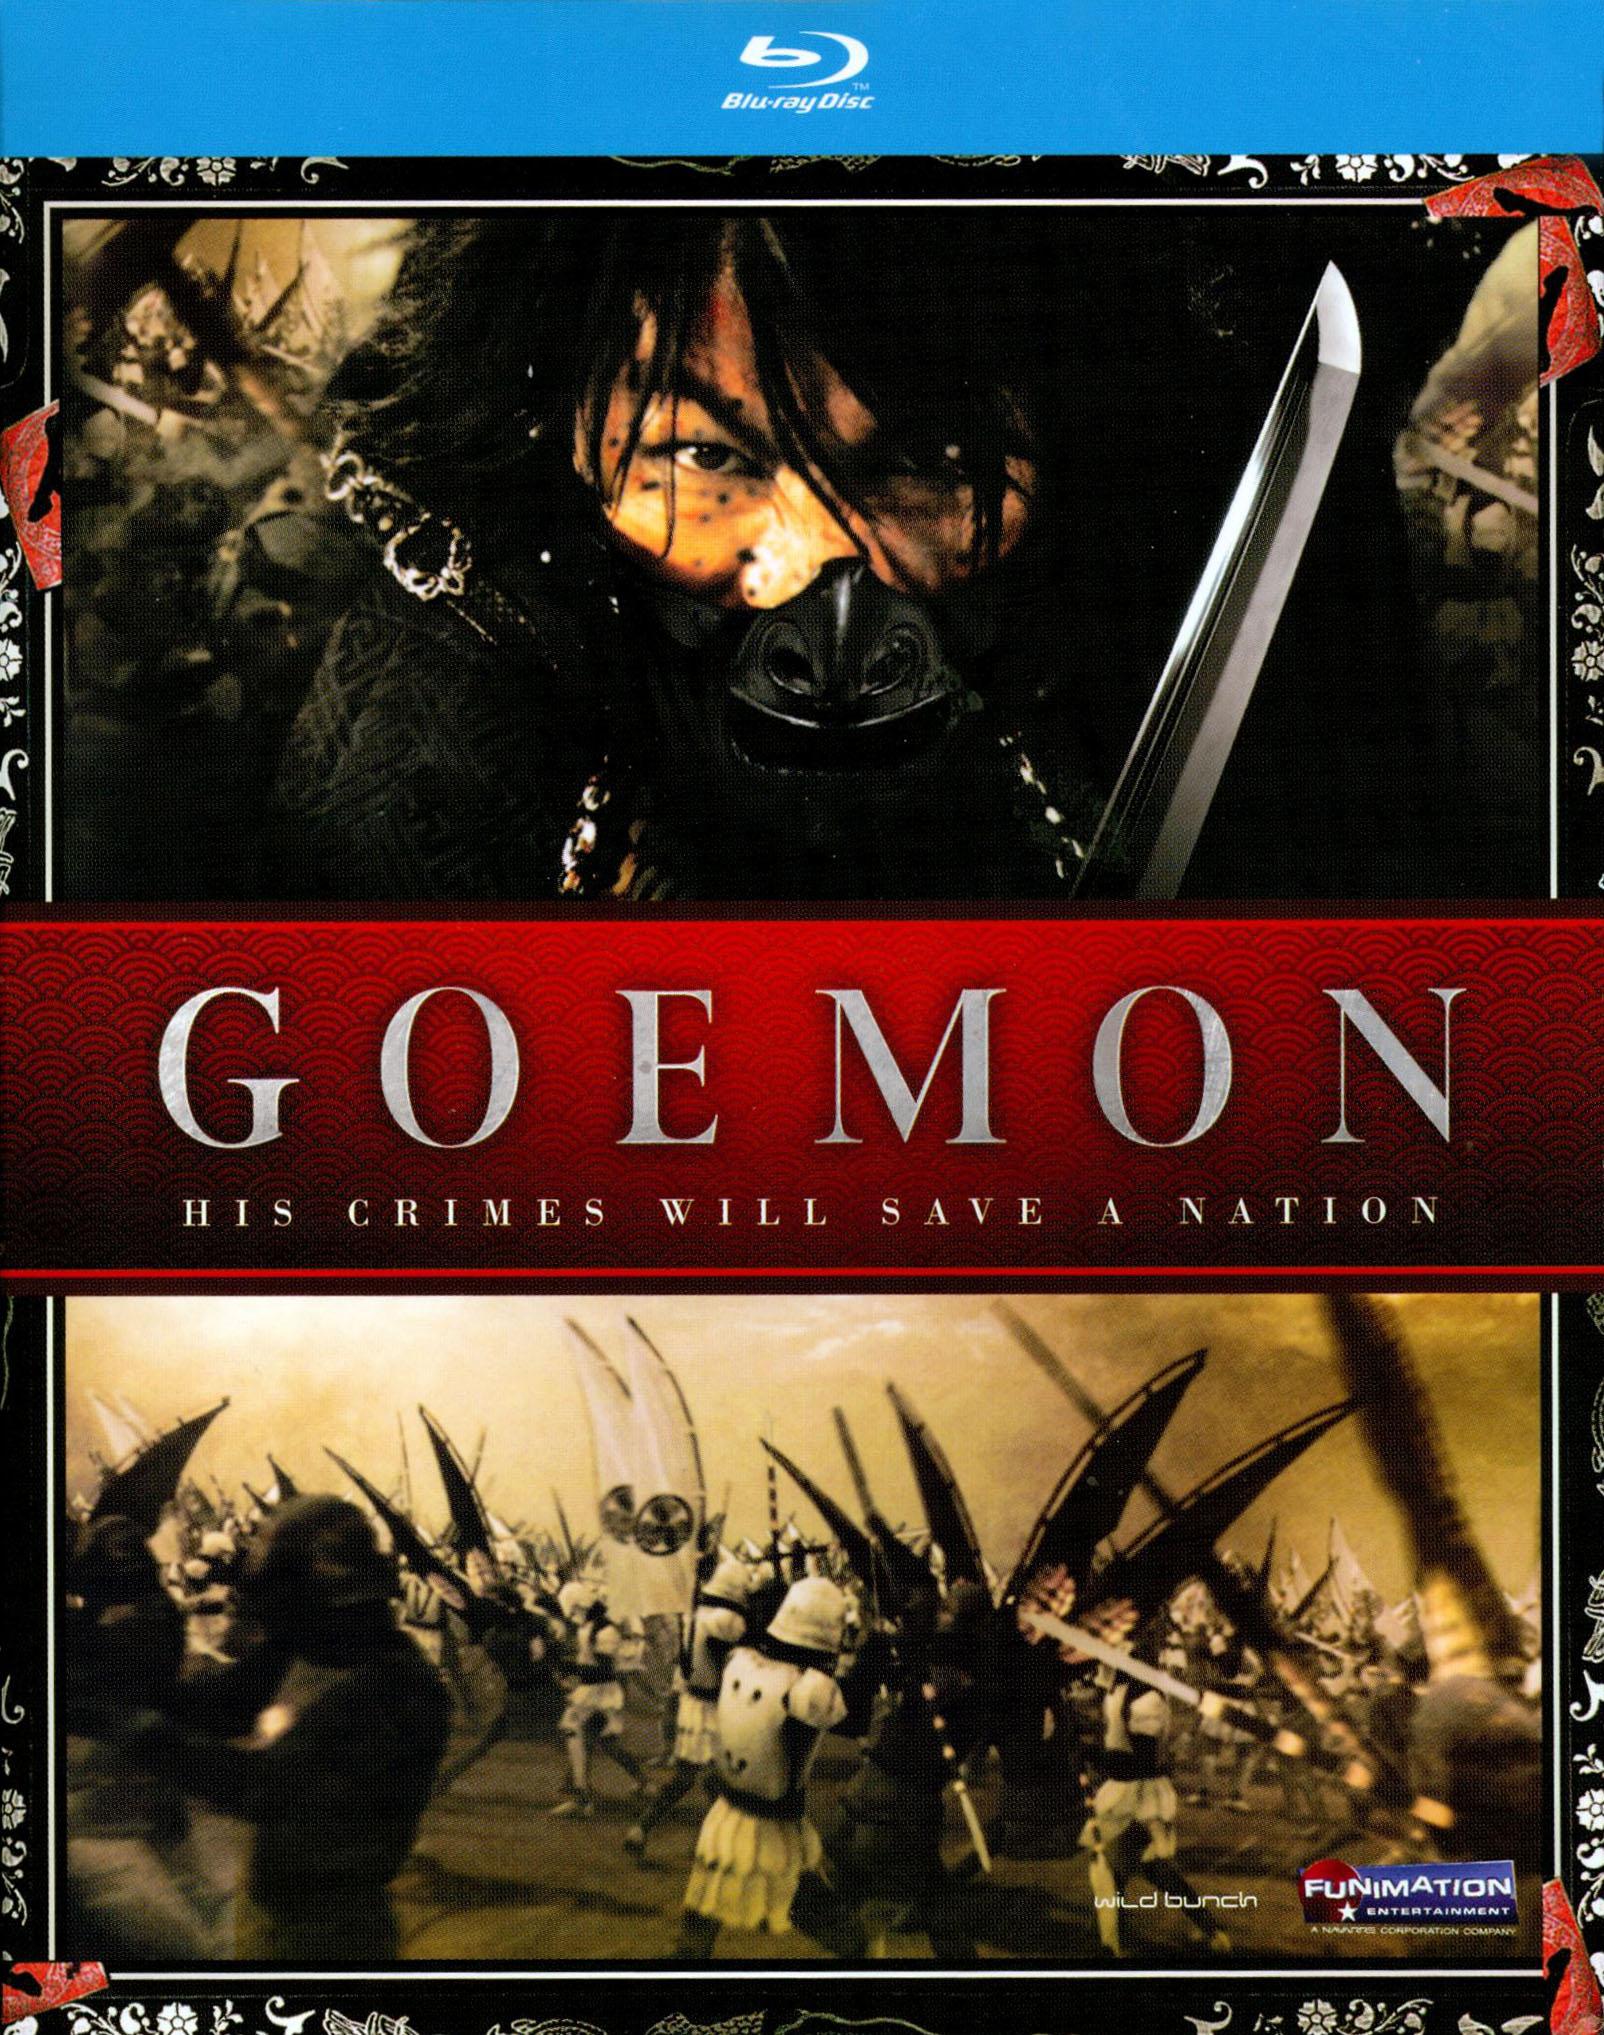 Goemon [blu-ray] 2342042